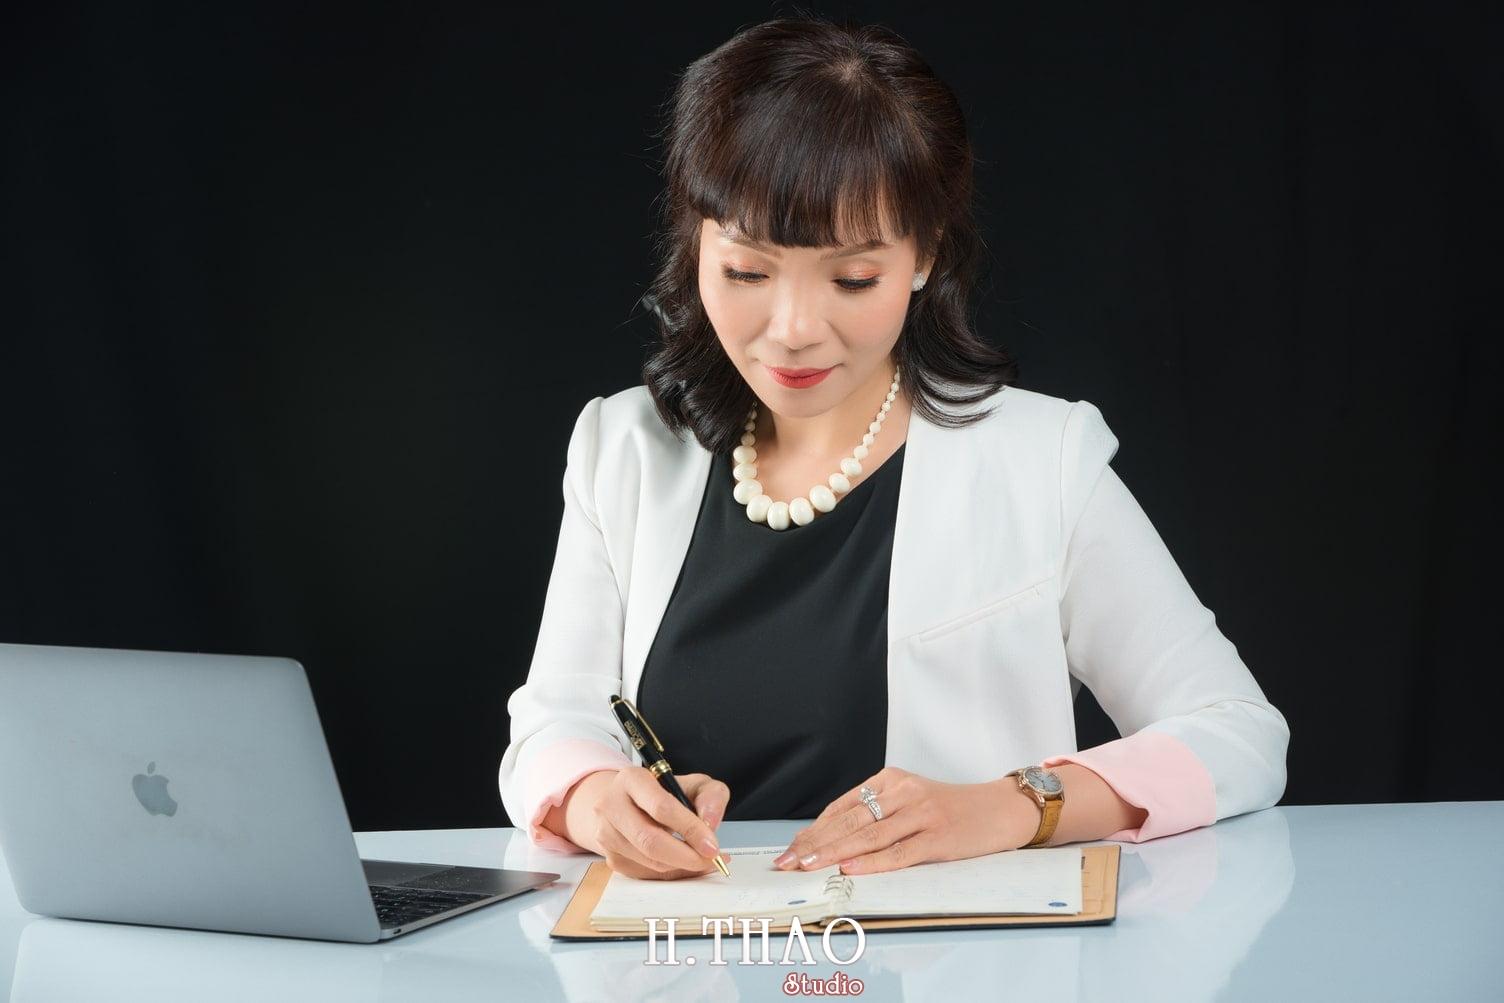 Chi Quynh 11 - Bộ ảnh Doanh nhân, Tiến sĩ V.T.B Quỳnh đẹp, sang trọng - HThao Studio